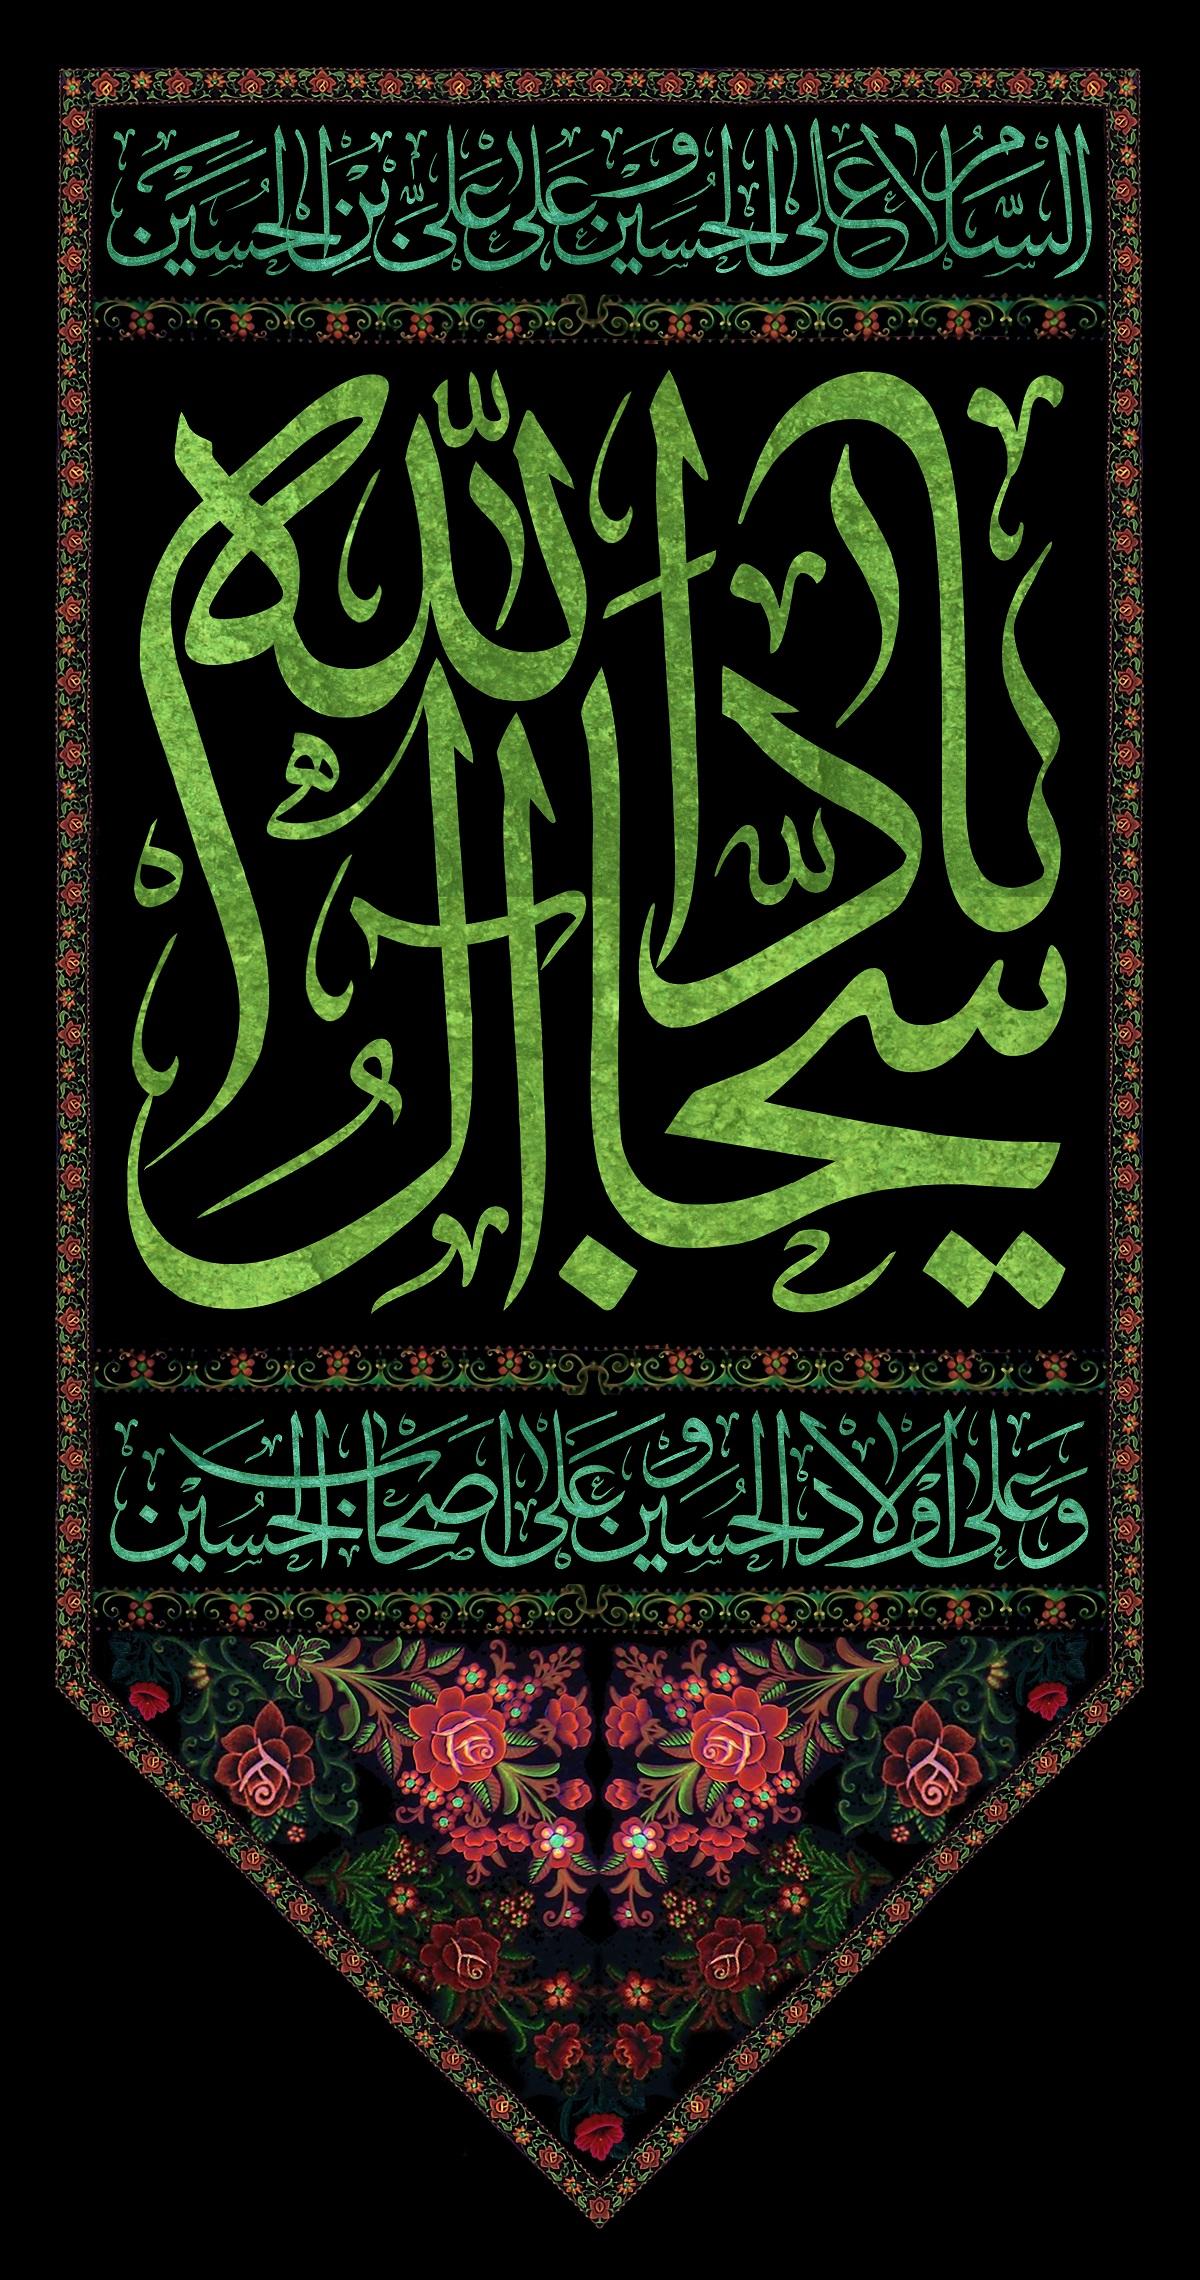 فایل لایه باز (psd) پوستر شهادت امام سجاد علیه السلام